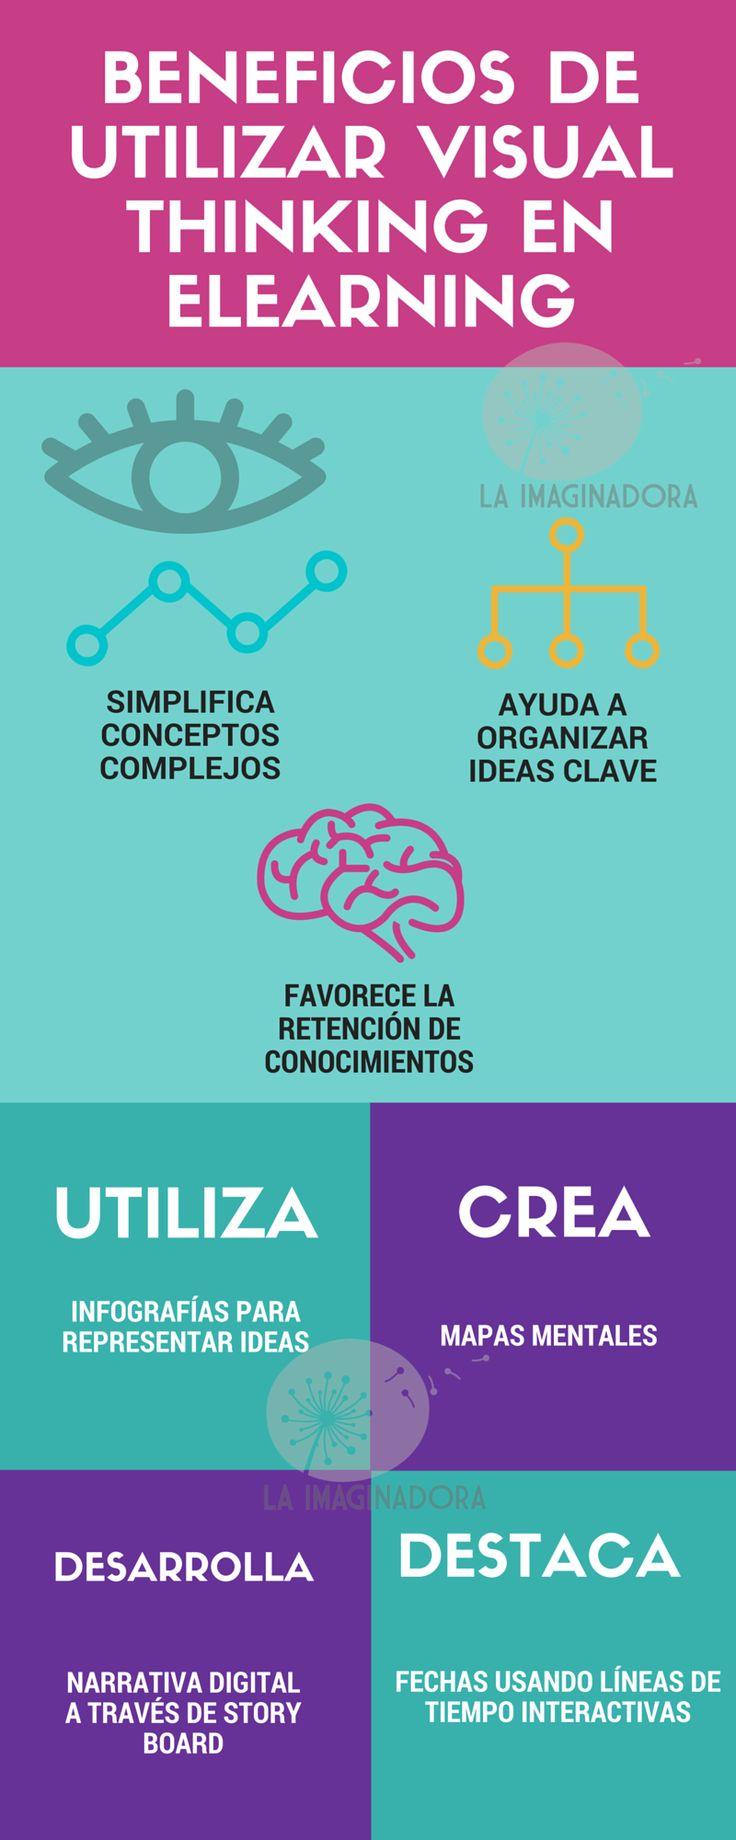 BENEFICIOS DE UTILIZAR VISUAL THINKING EN ELEARNING